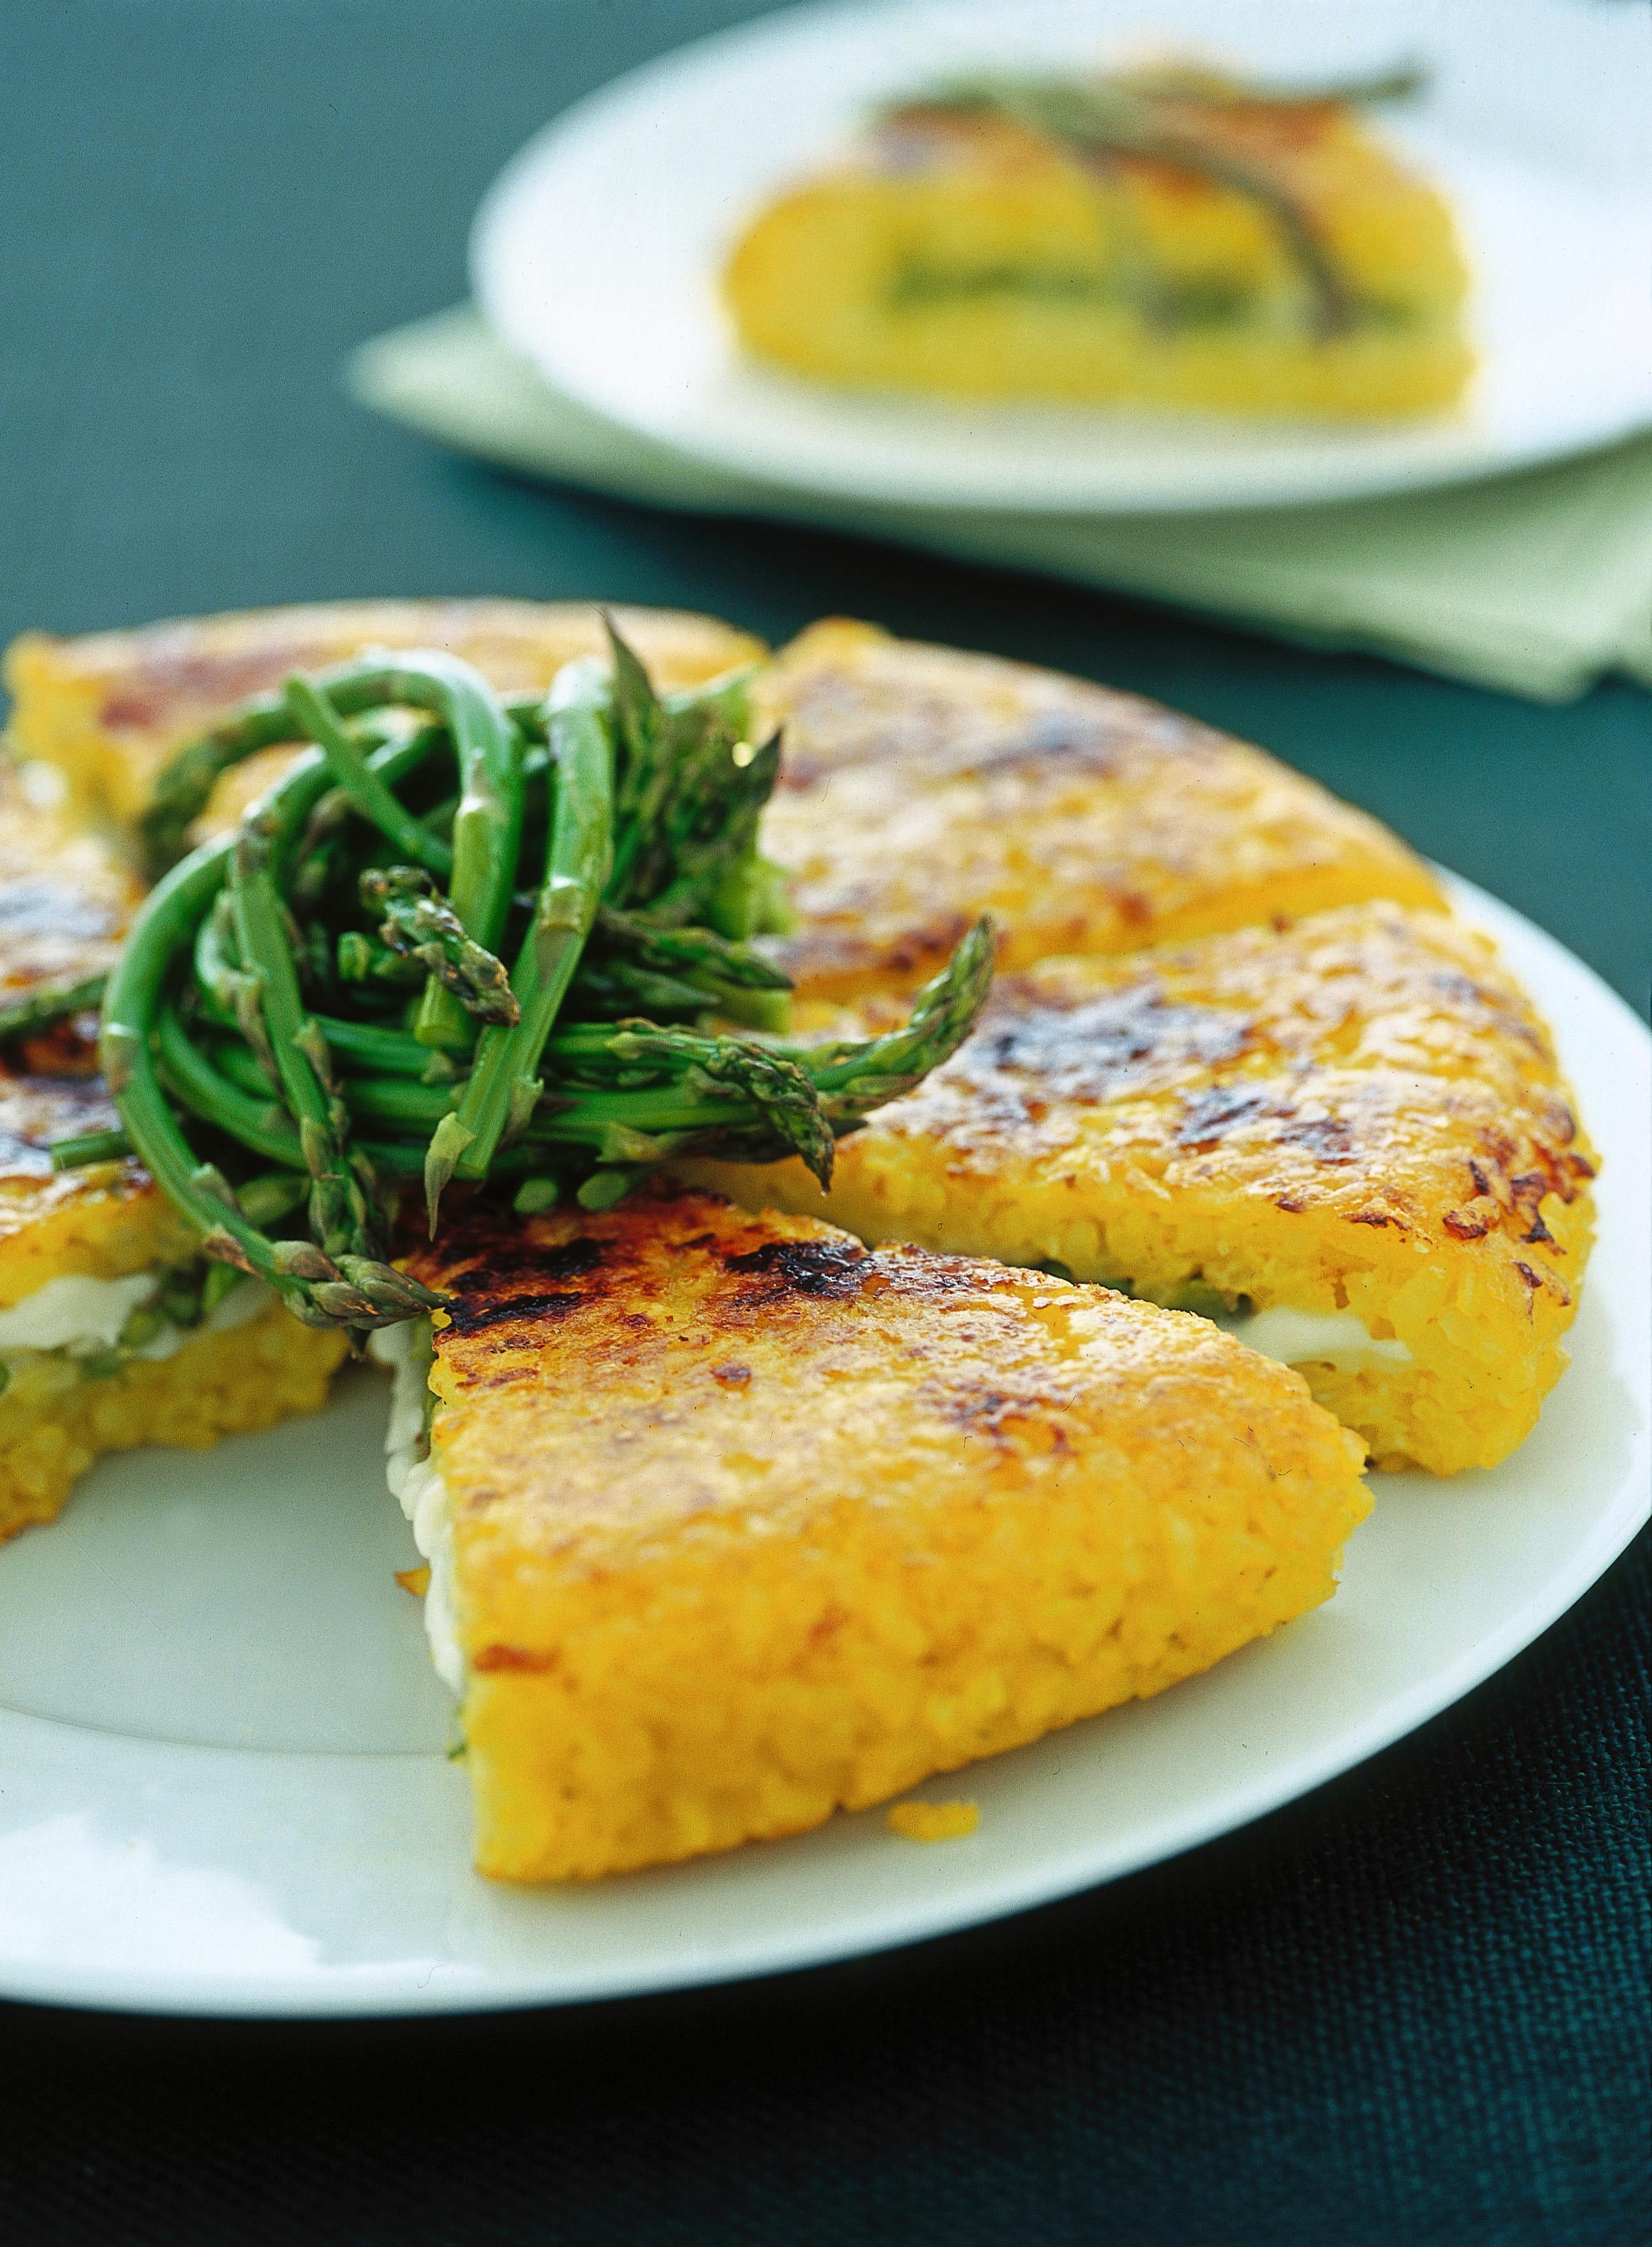 Zafferano le migliori ricette sale pepe for Le migliori ricette di cucina